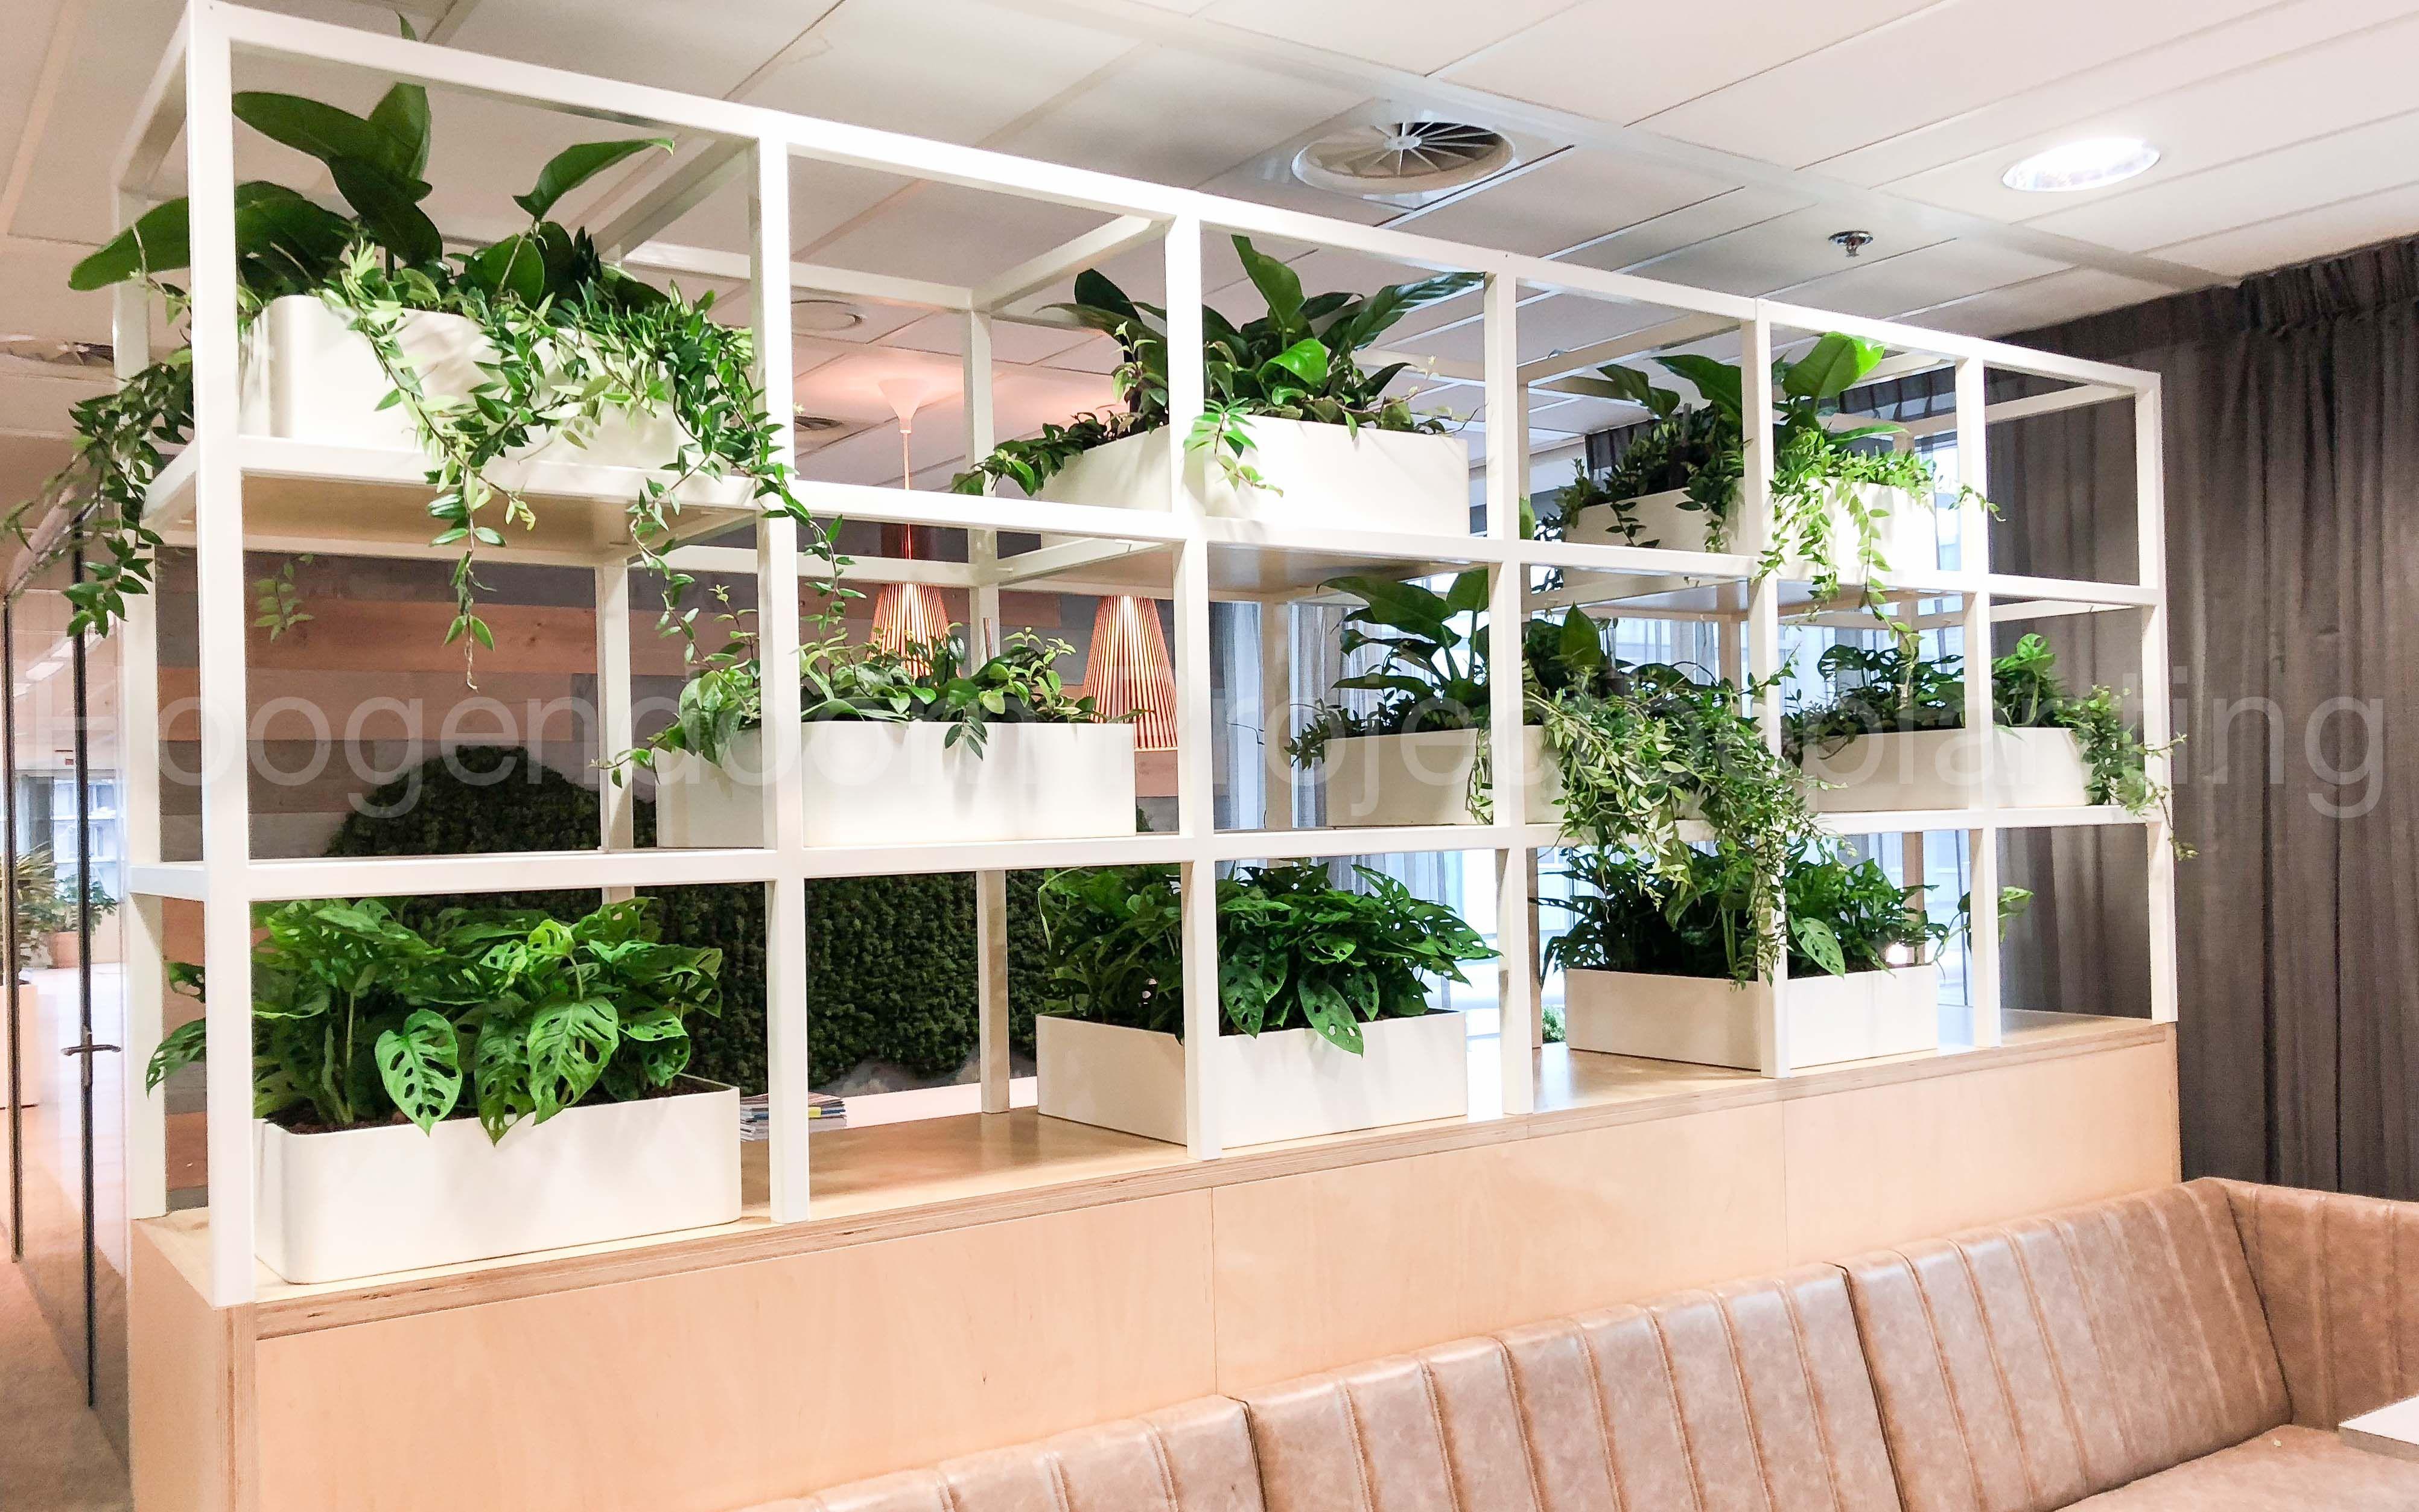 Planten Op Kantoor : Hangplanten hydrocultuur interieurbeplanting onderhoud